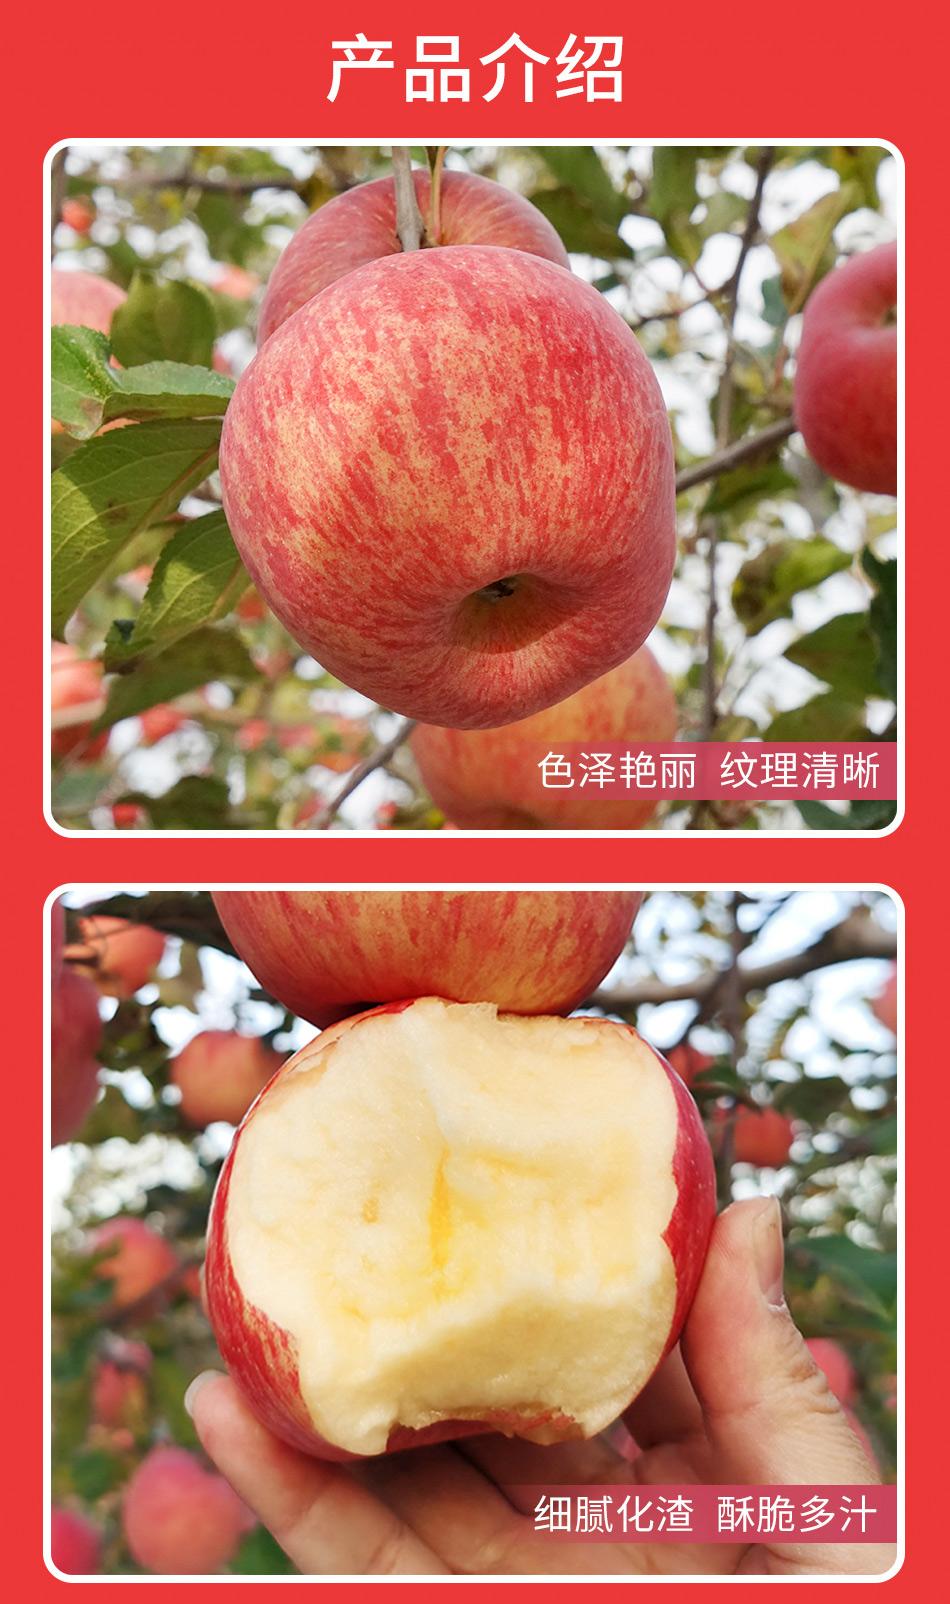 54330-金三源正宗洛川红富士苹果 大果整箱 时令生鲜水果 富含蛋白质膳食纤维素是健康低脂健身好食材 8颗轻享礼盒装(80mm-85mm果 约4斤)-详情图